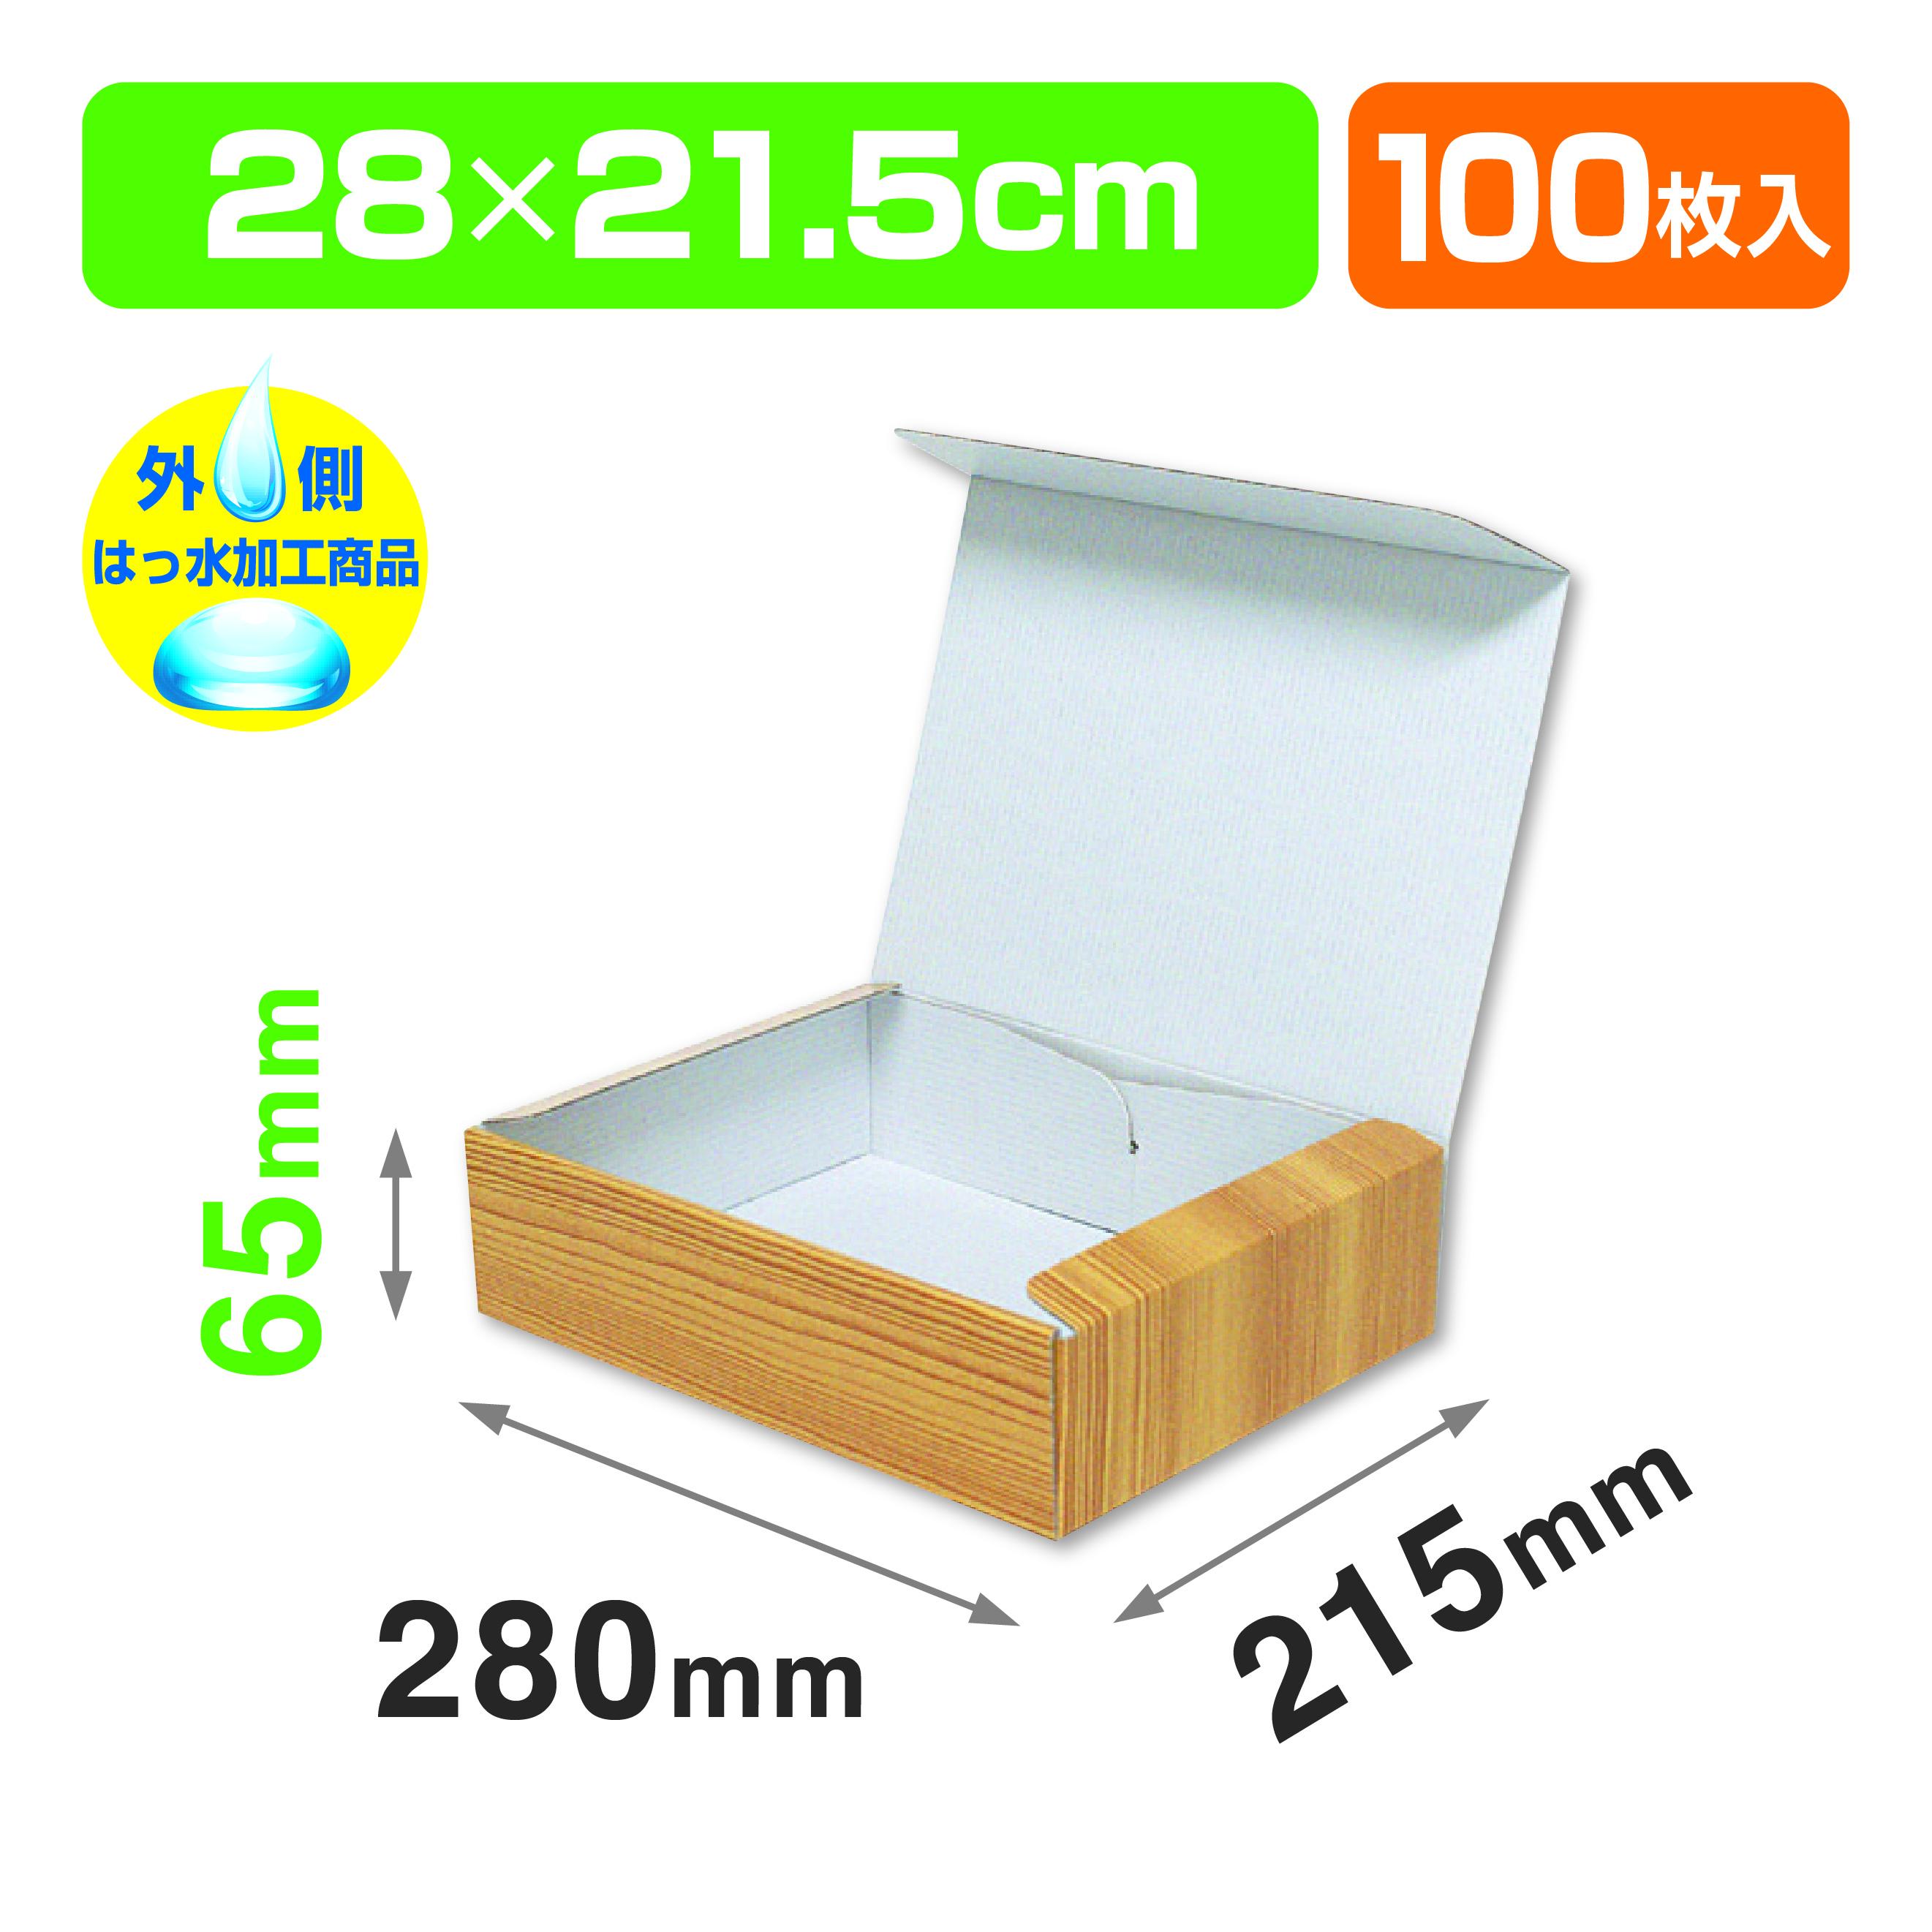 撥水宅配箱3(はっ水宅配箱)